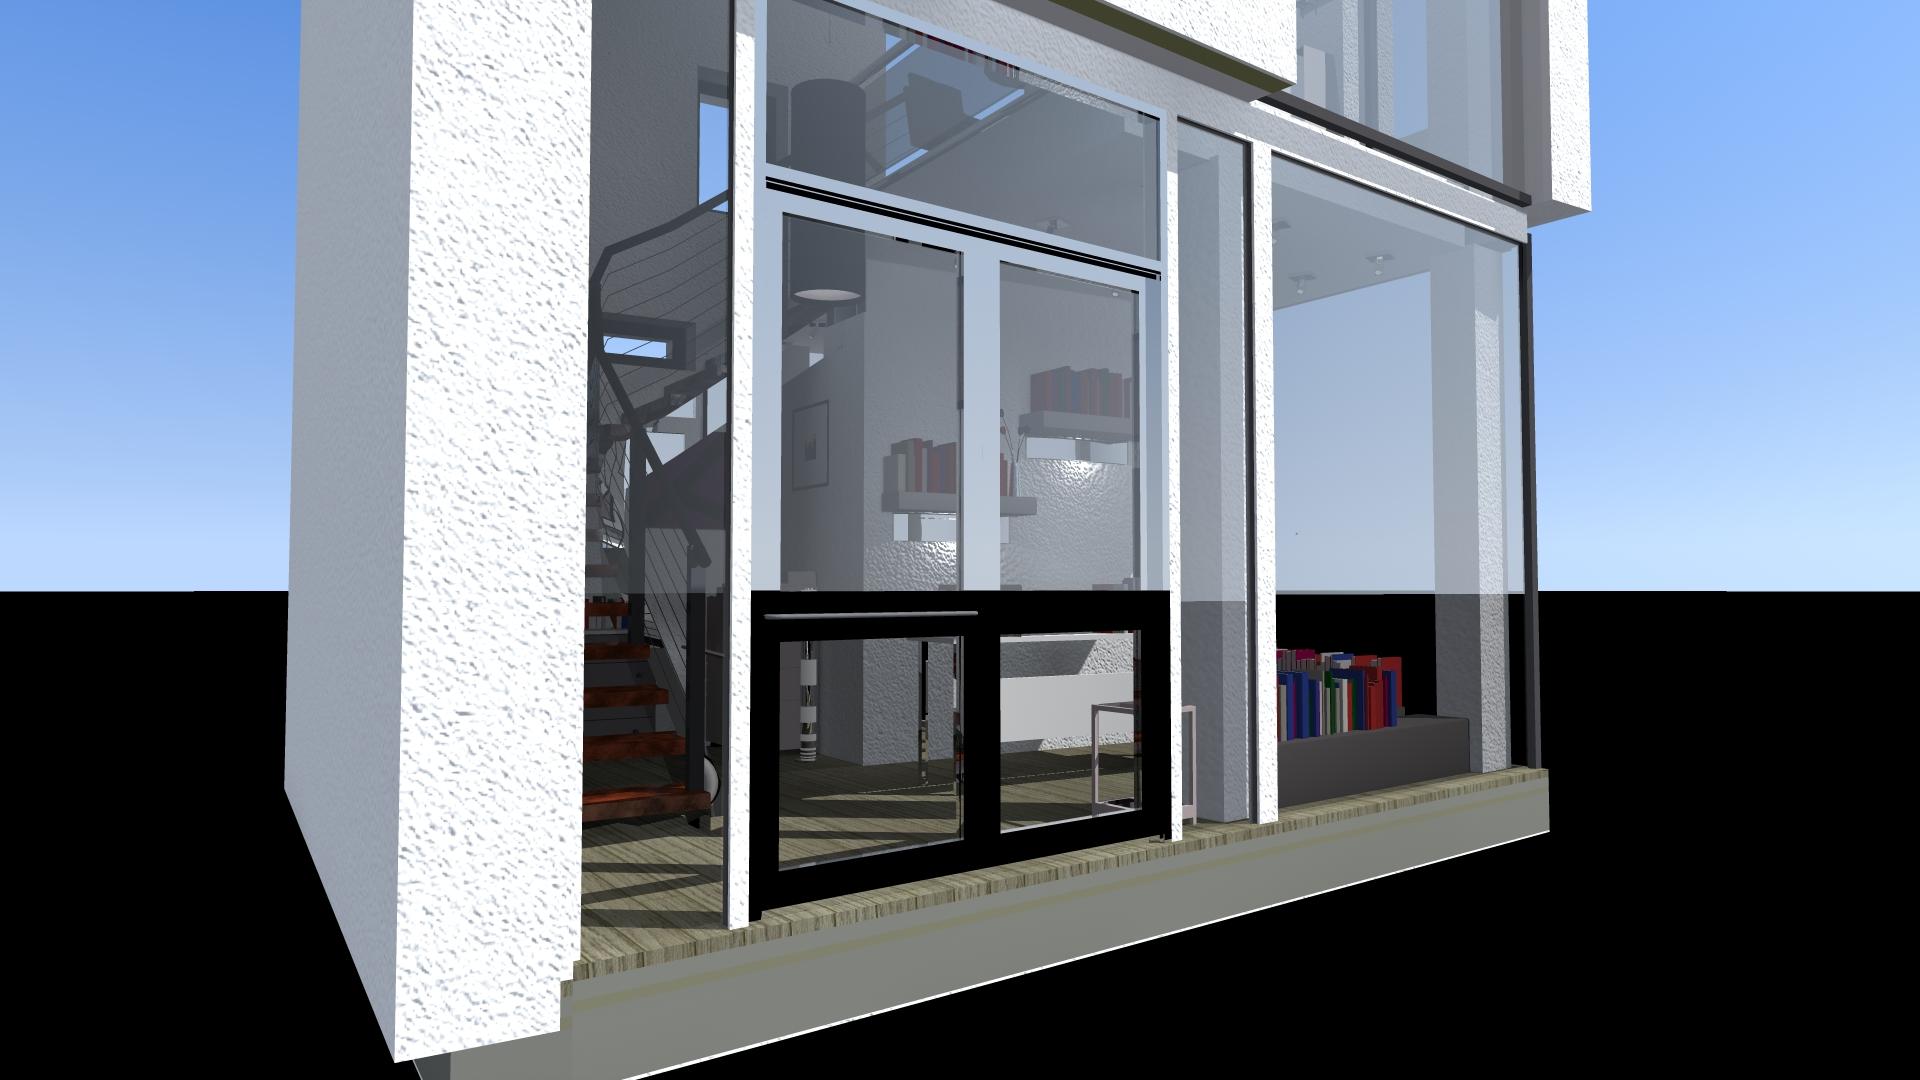 VENDITA: San Sisto/Pettino Rudere per nuova costruzione residenziale o commerciale